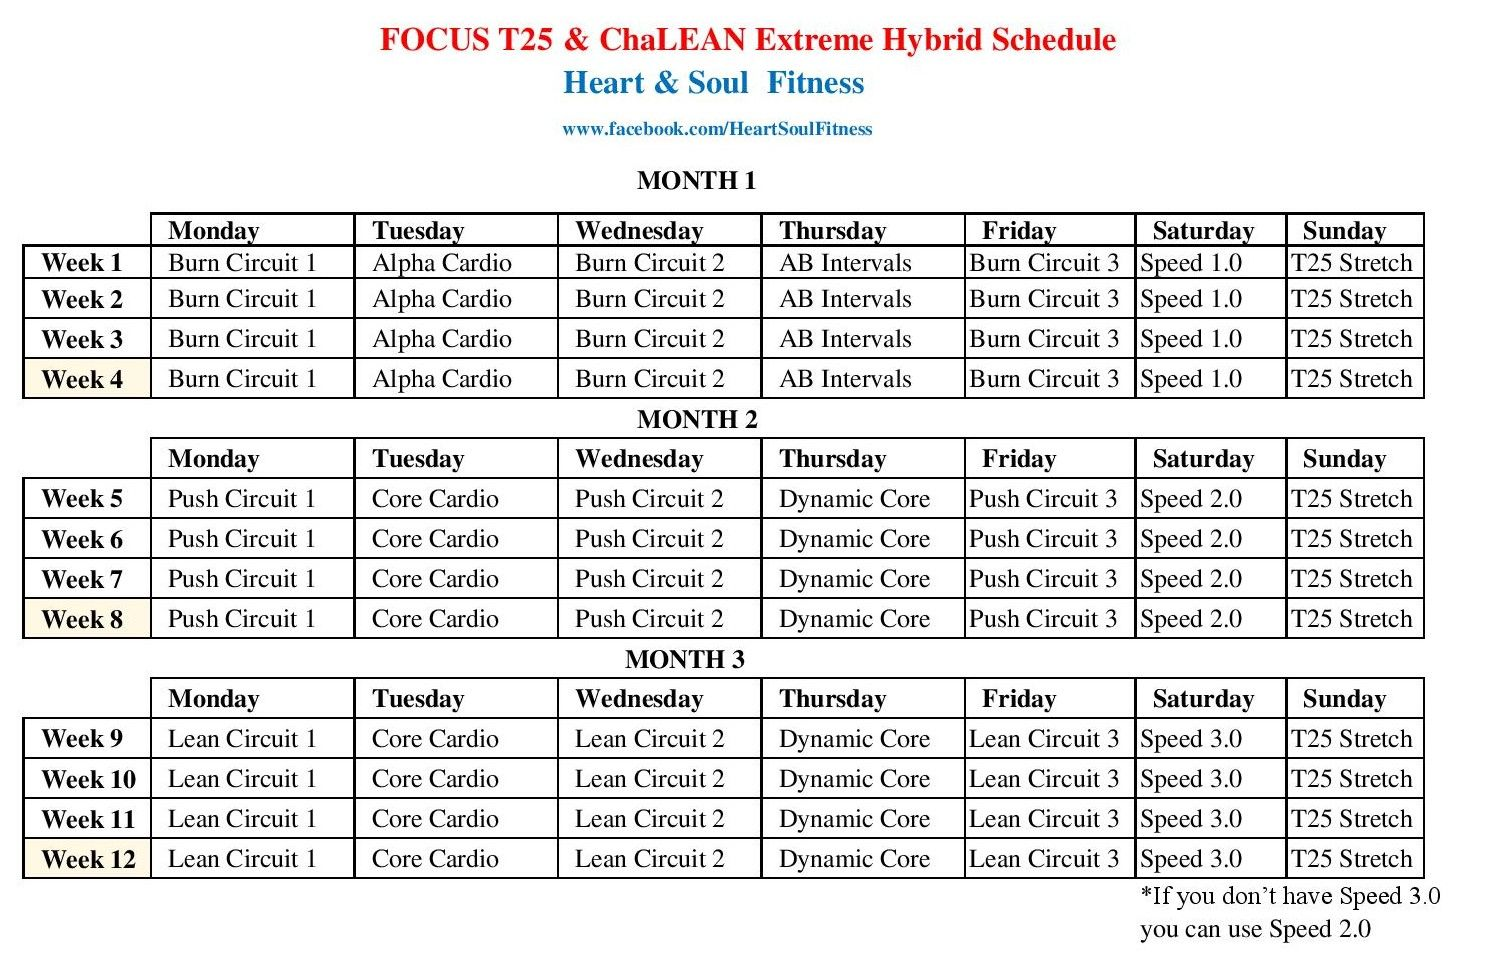 Focus T25 & ChaLEAN Extreme Hybrid Schedule